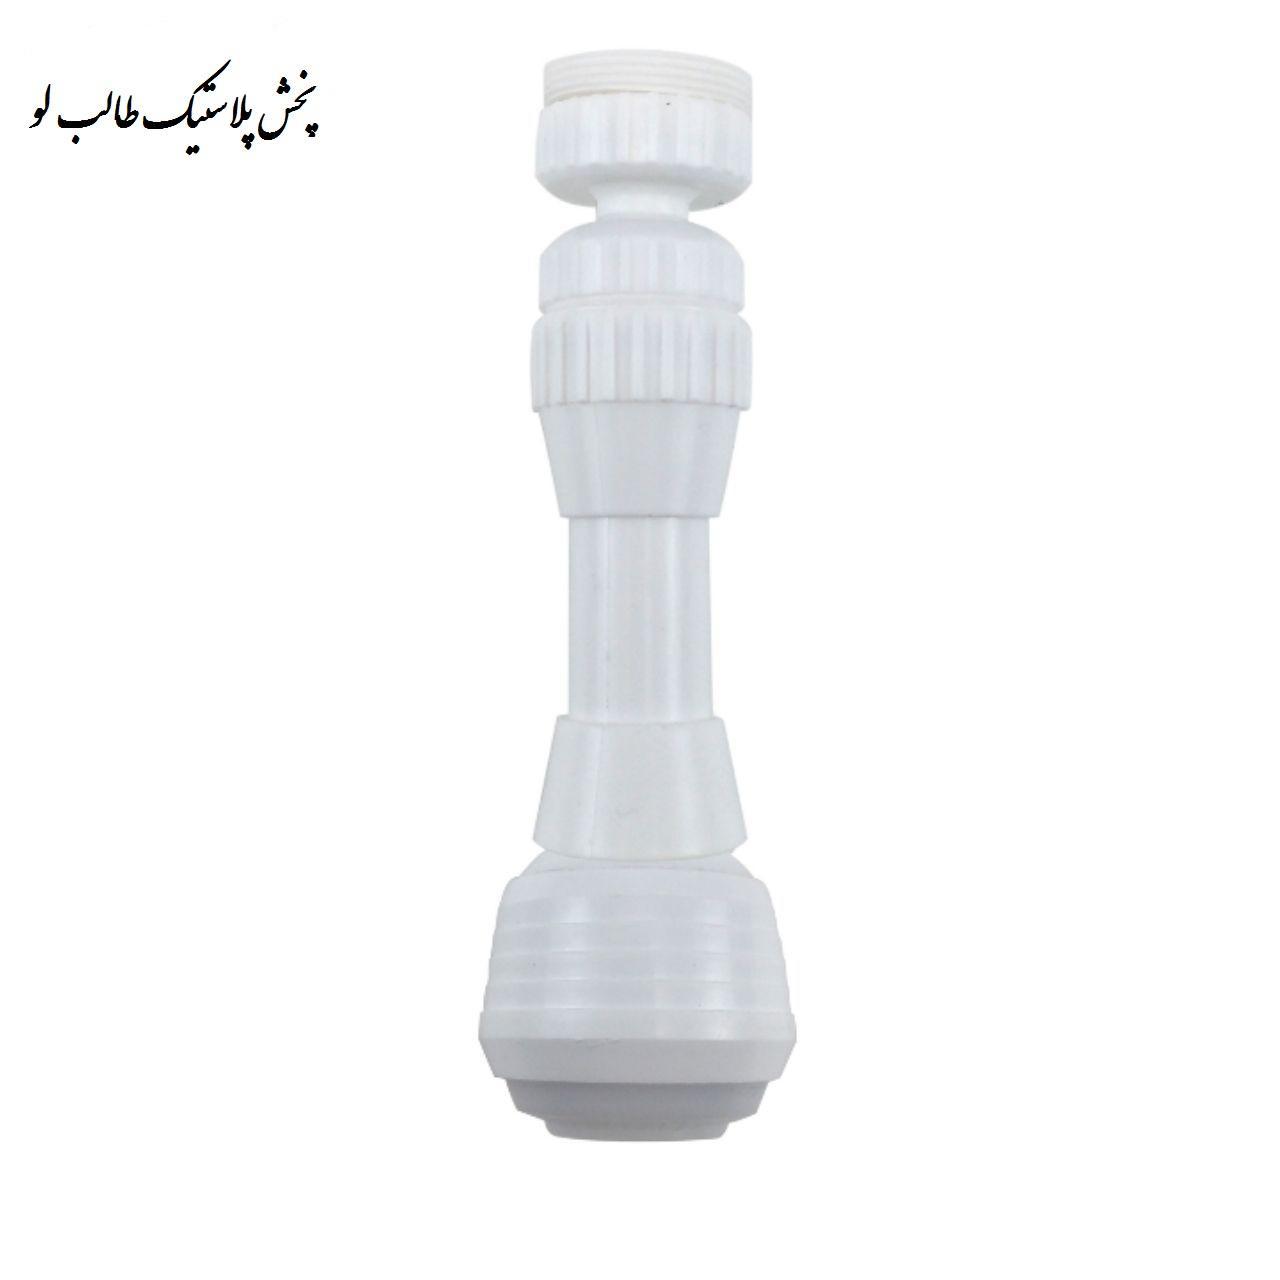 سر شیر آب پلاستیکی - پخش و خرید و فروش عمده سرشیر سینک ظرفشویی فشار شکن آب